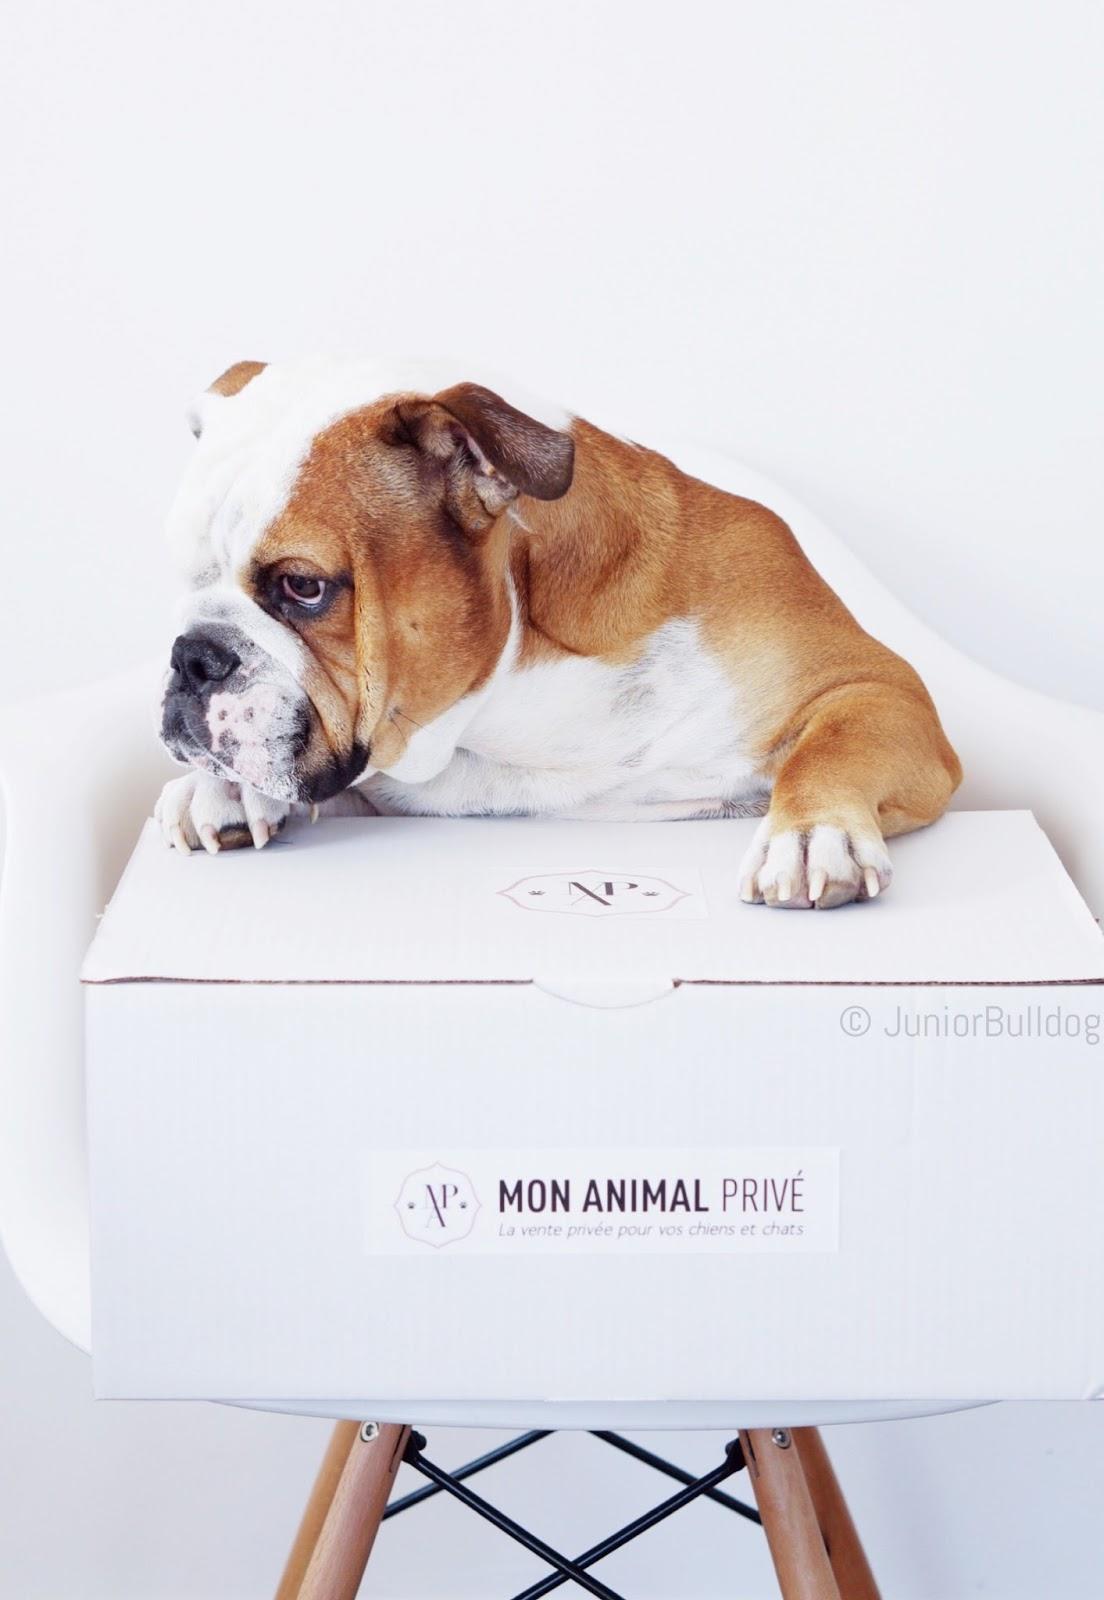 mon animal privé ventes privées animaux